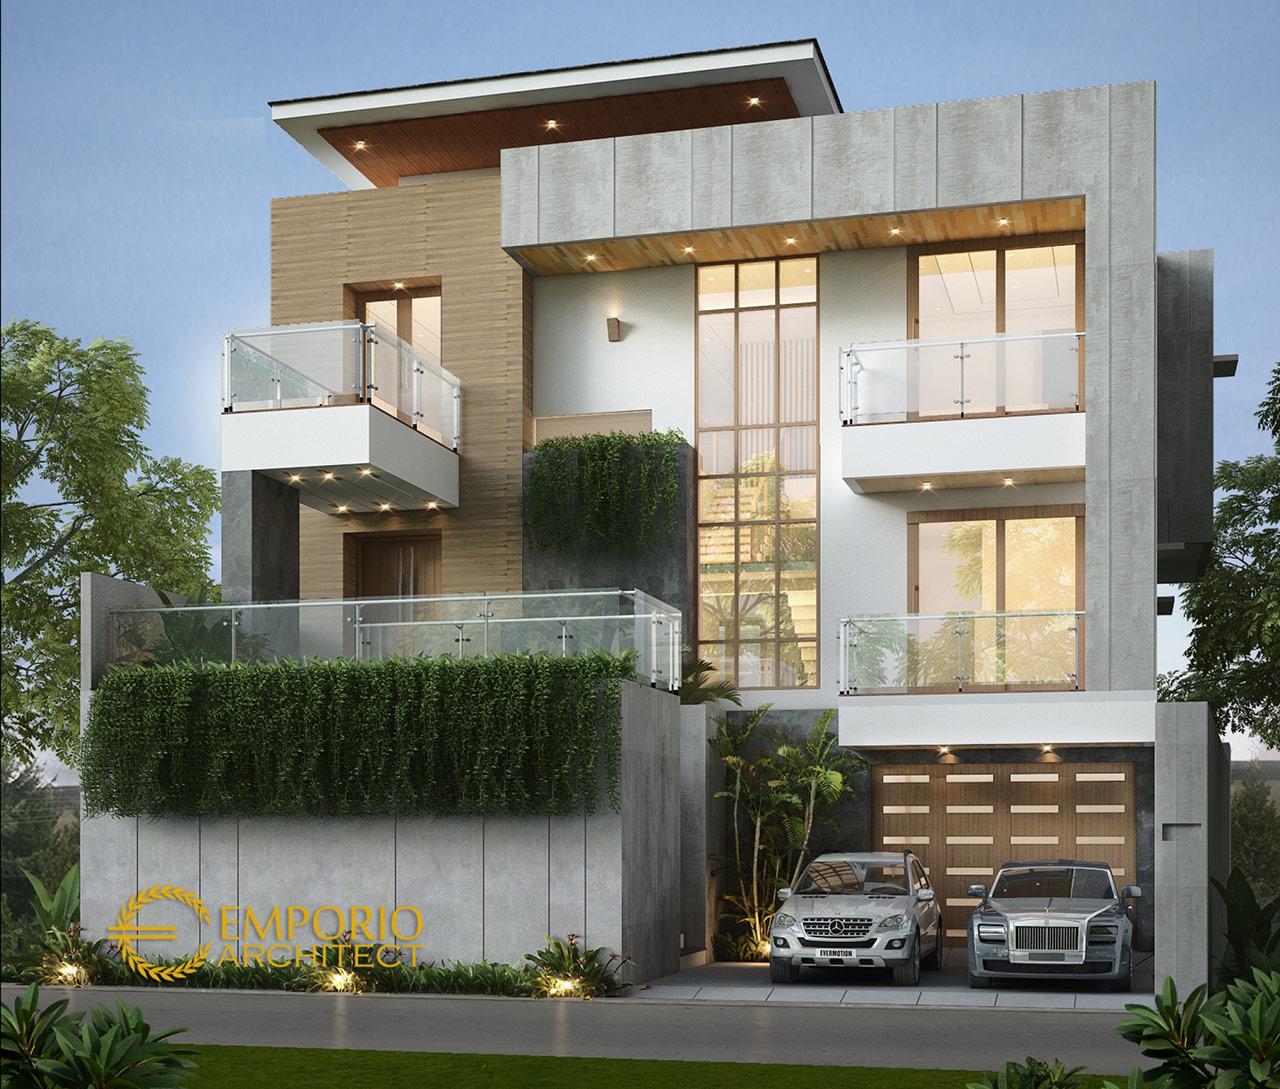 55 Koleksi Gambar Desain Rumah Minimalis Kaca HD Terbaru Download Gratis